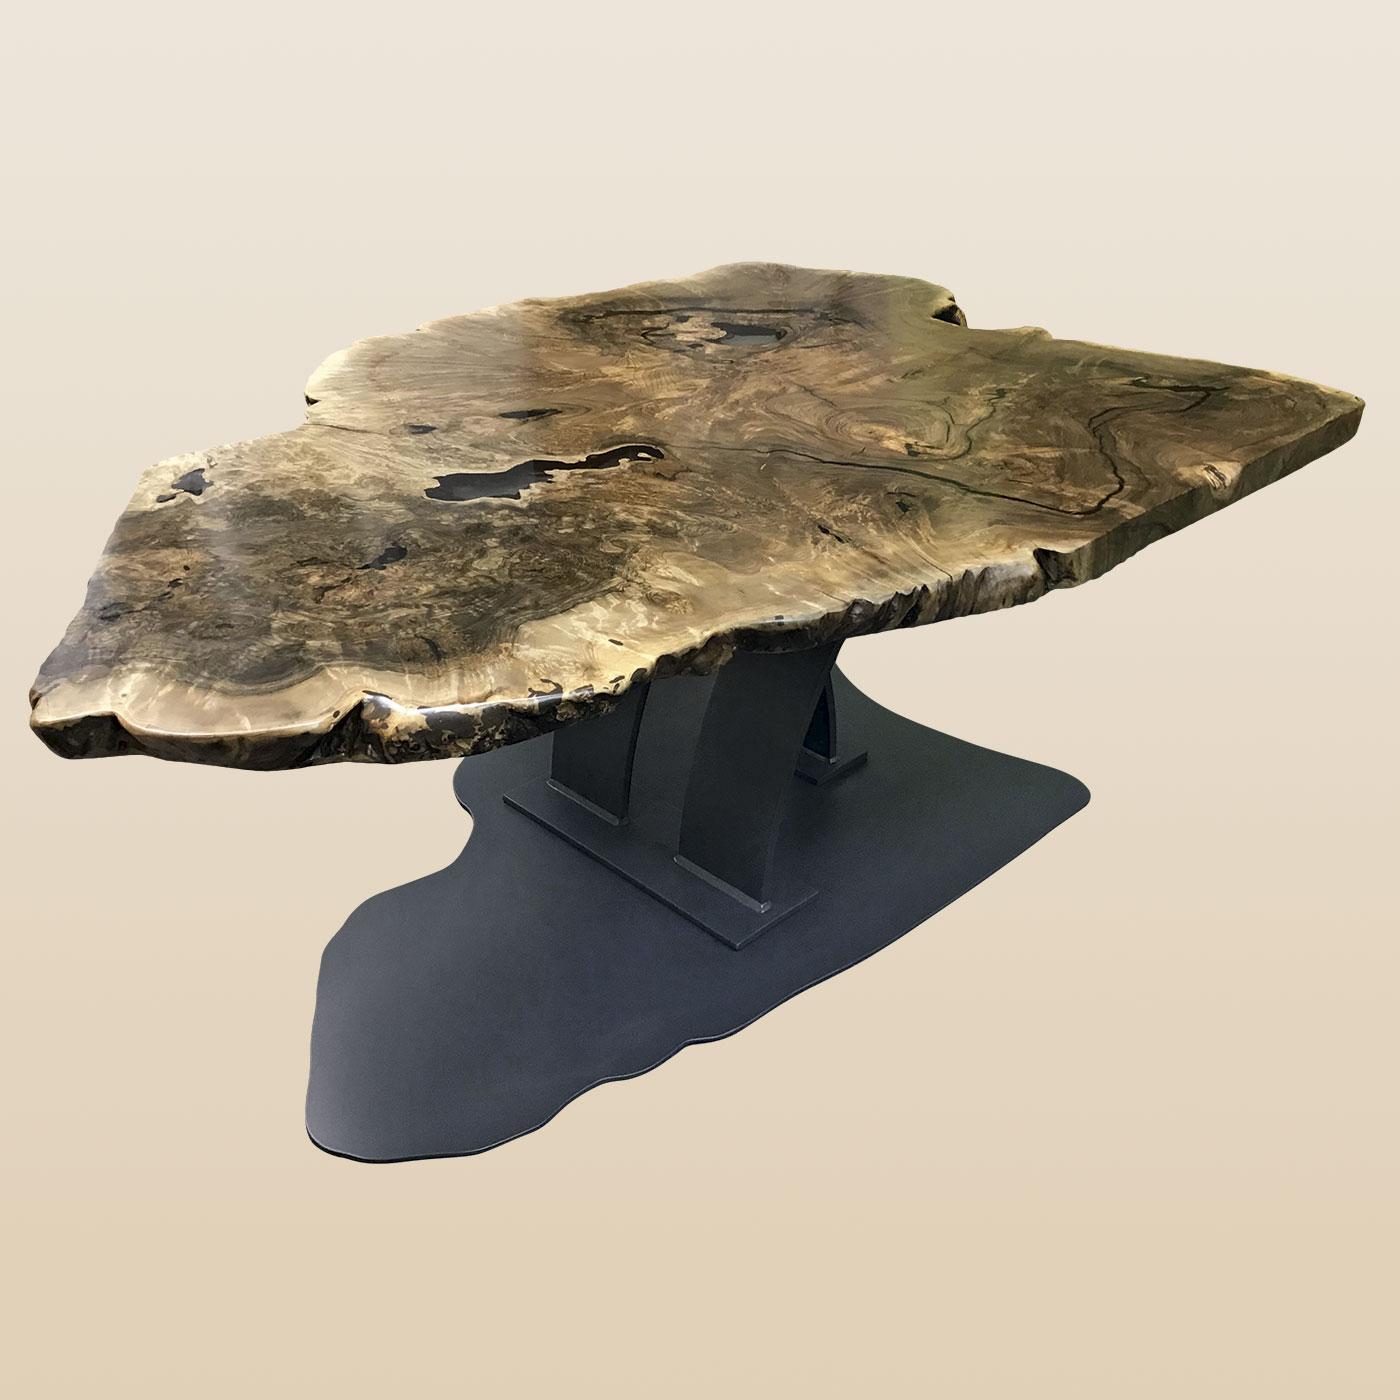 Esstisch mit Stammscheibe und Stahlfuß, Bodenplatte in Form der Stammscheibe